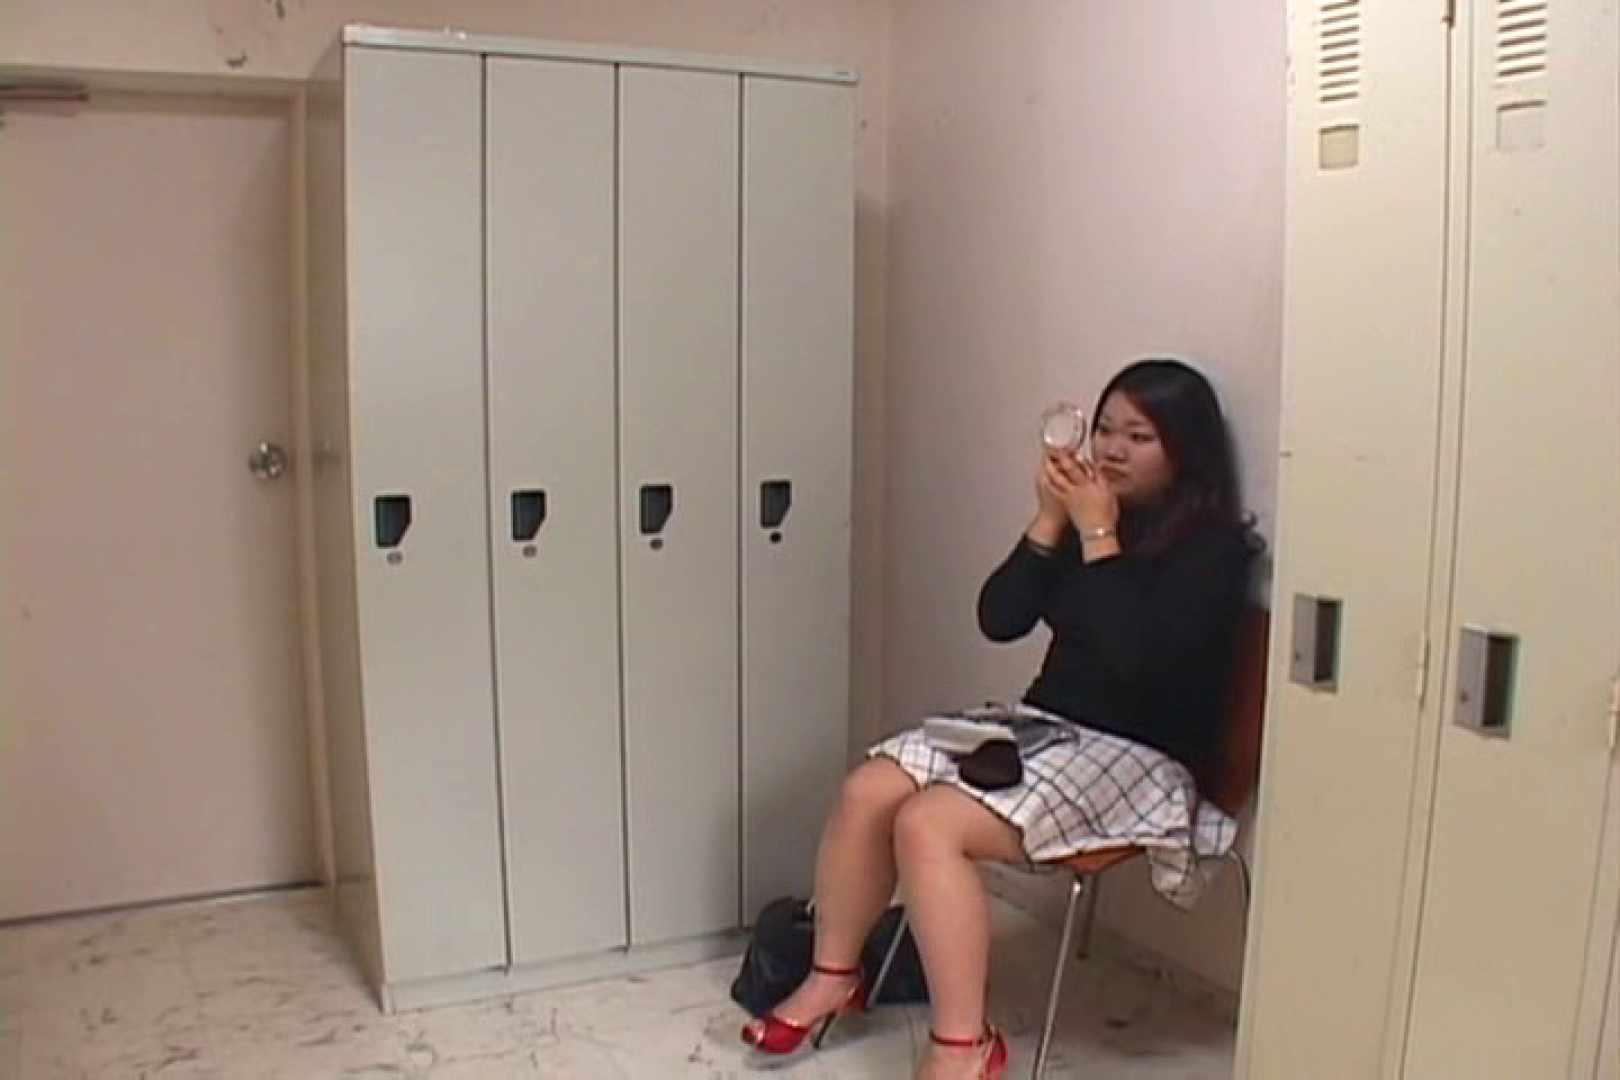 キャバ嬢舞台裏Vol.5 お姉さんのヌード アダルト動画キャプチャ 86画像 38